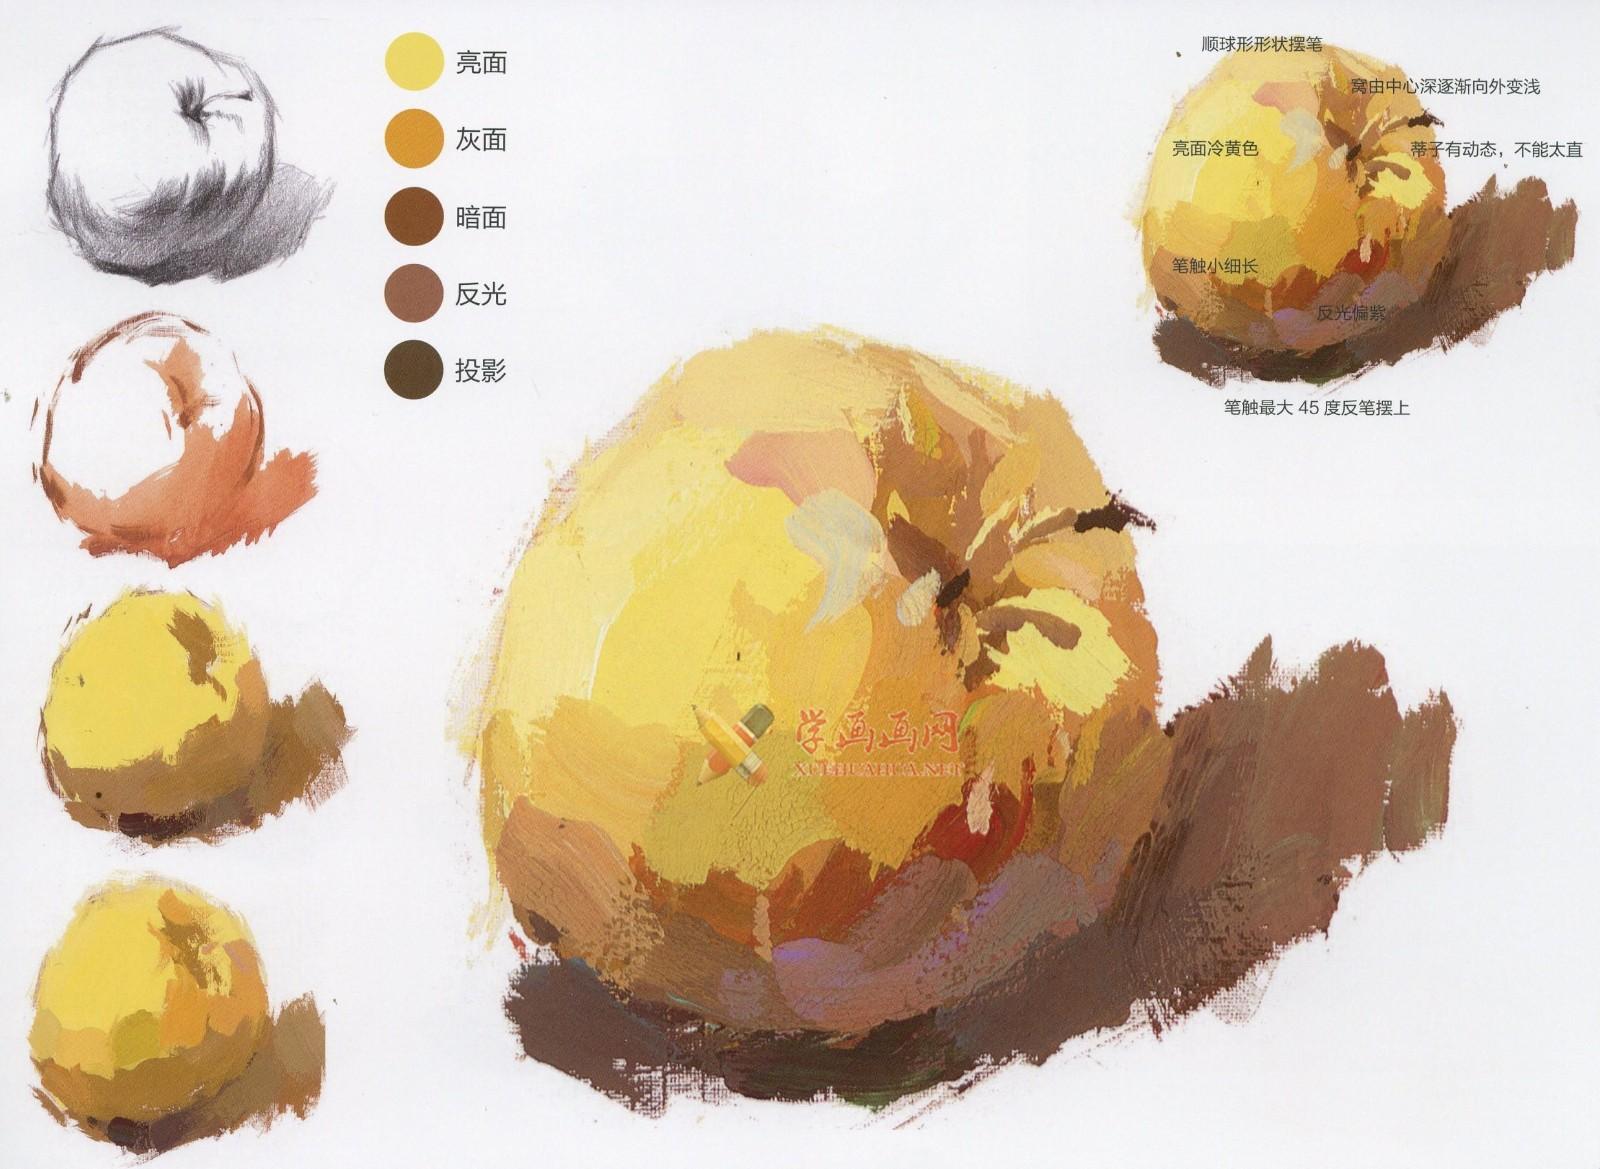 水粉画单体静物:苹果的画法图解及临摹高清范画图片(7)